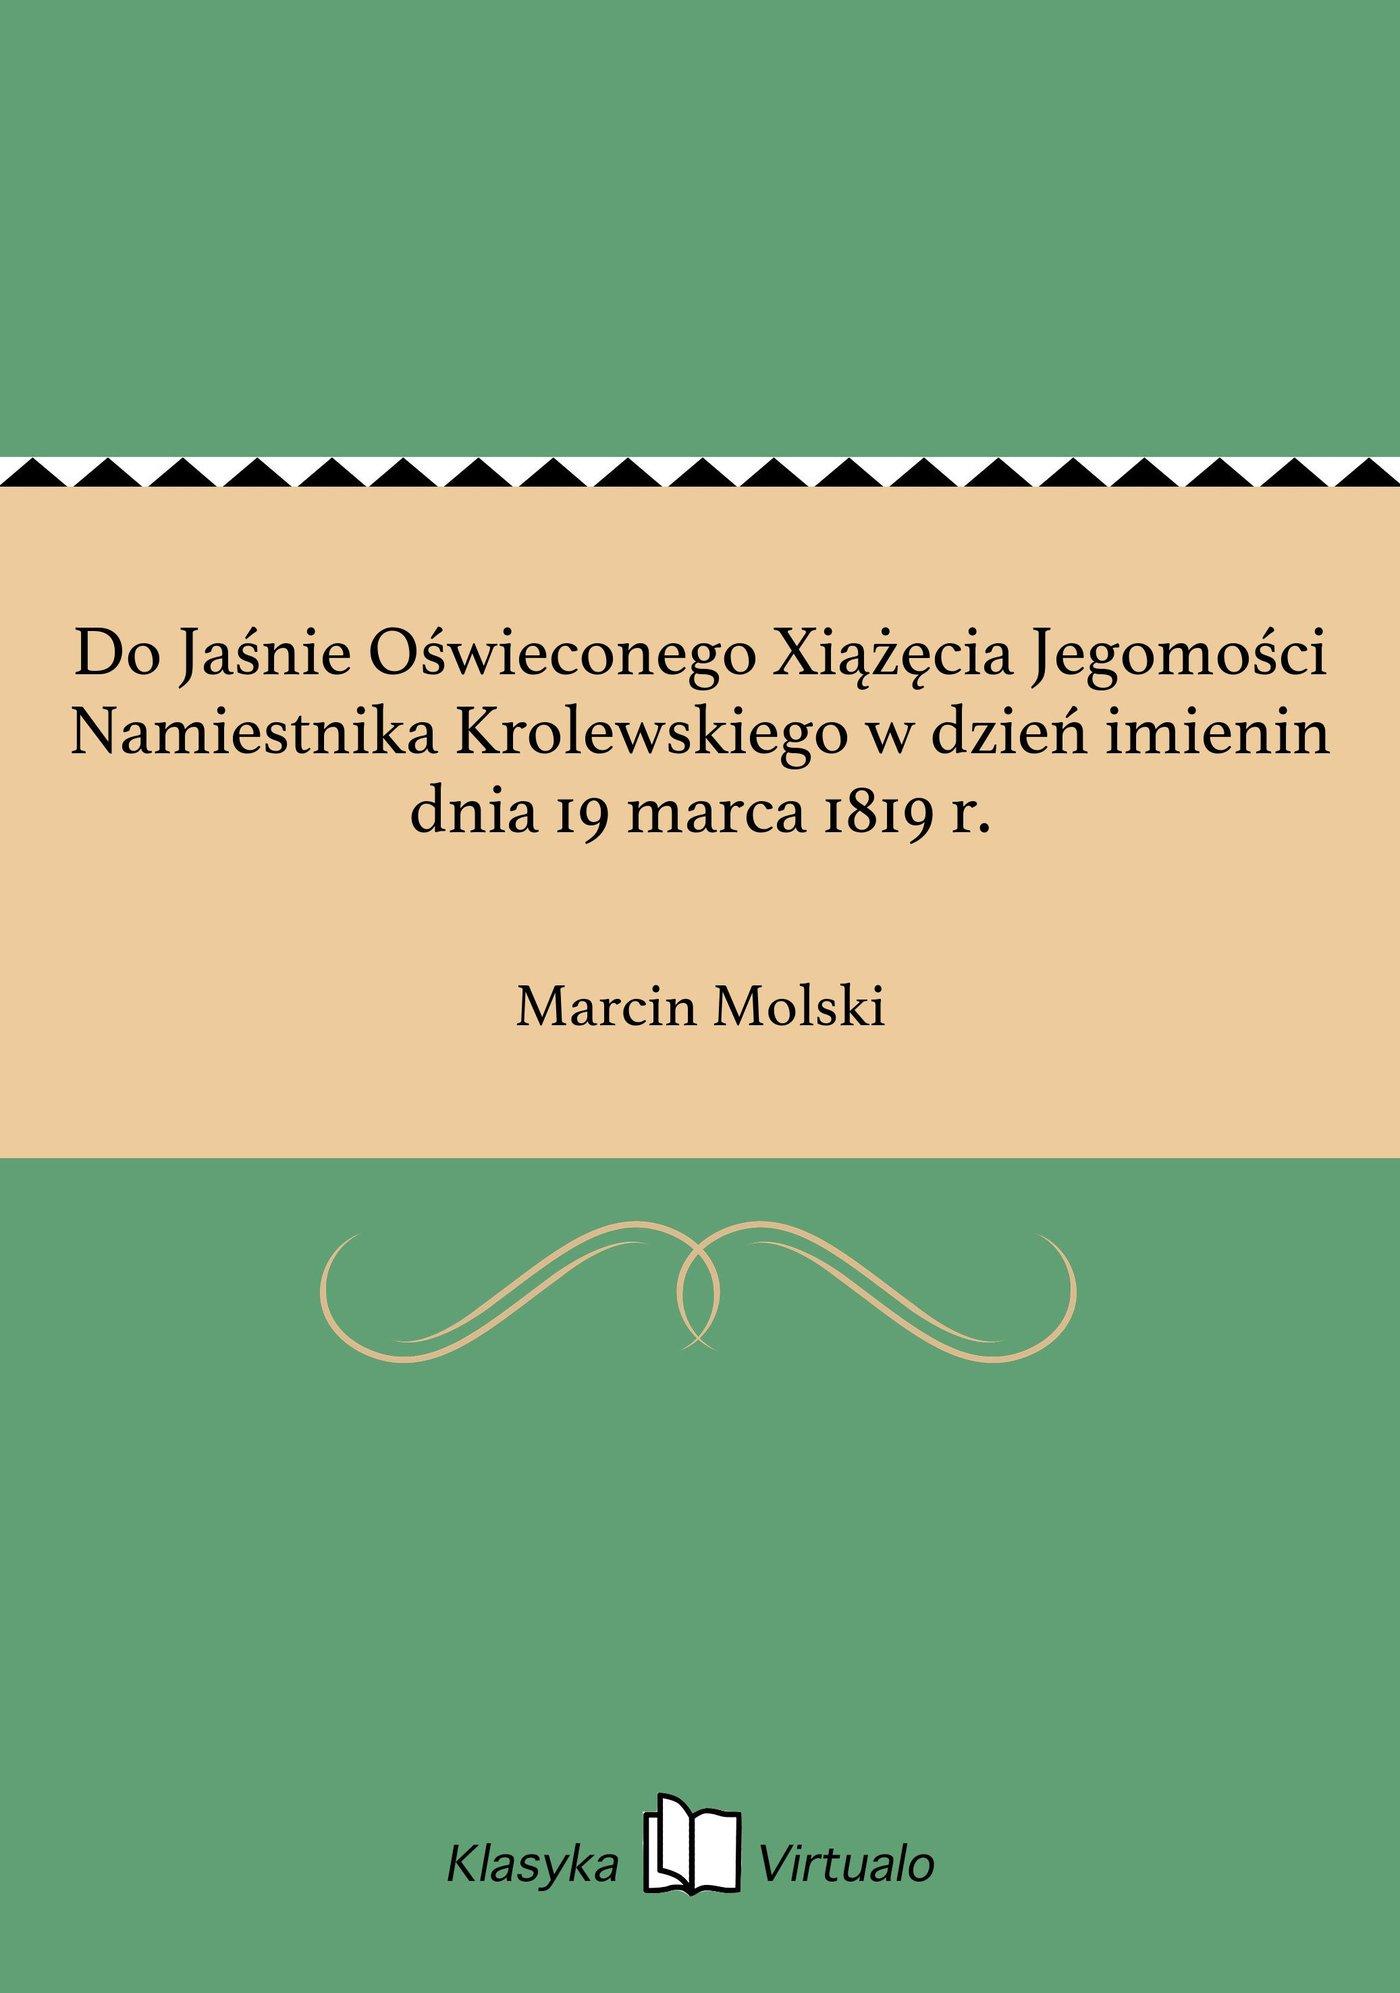 Do Jaśnie Oświeconego Xiążęcia Jegomości Namiestnika Krolewskiego w dzień imienin dnia 19 marca 1819 r. - Ebook (Książka na Kindle) do pobrania w formacie MOBI